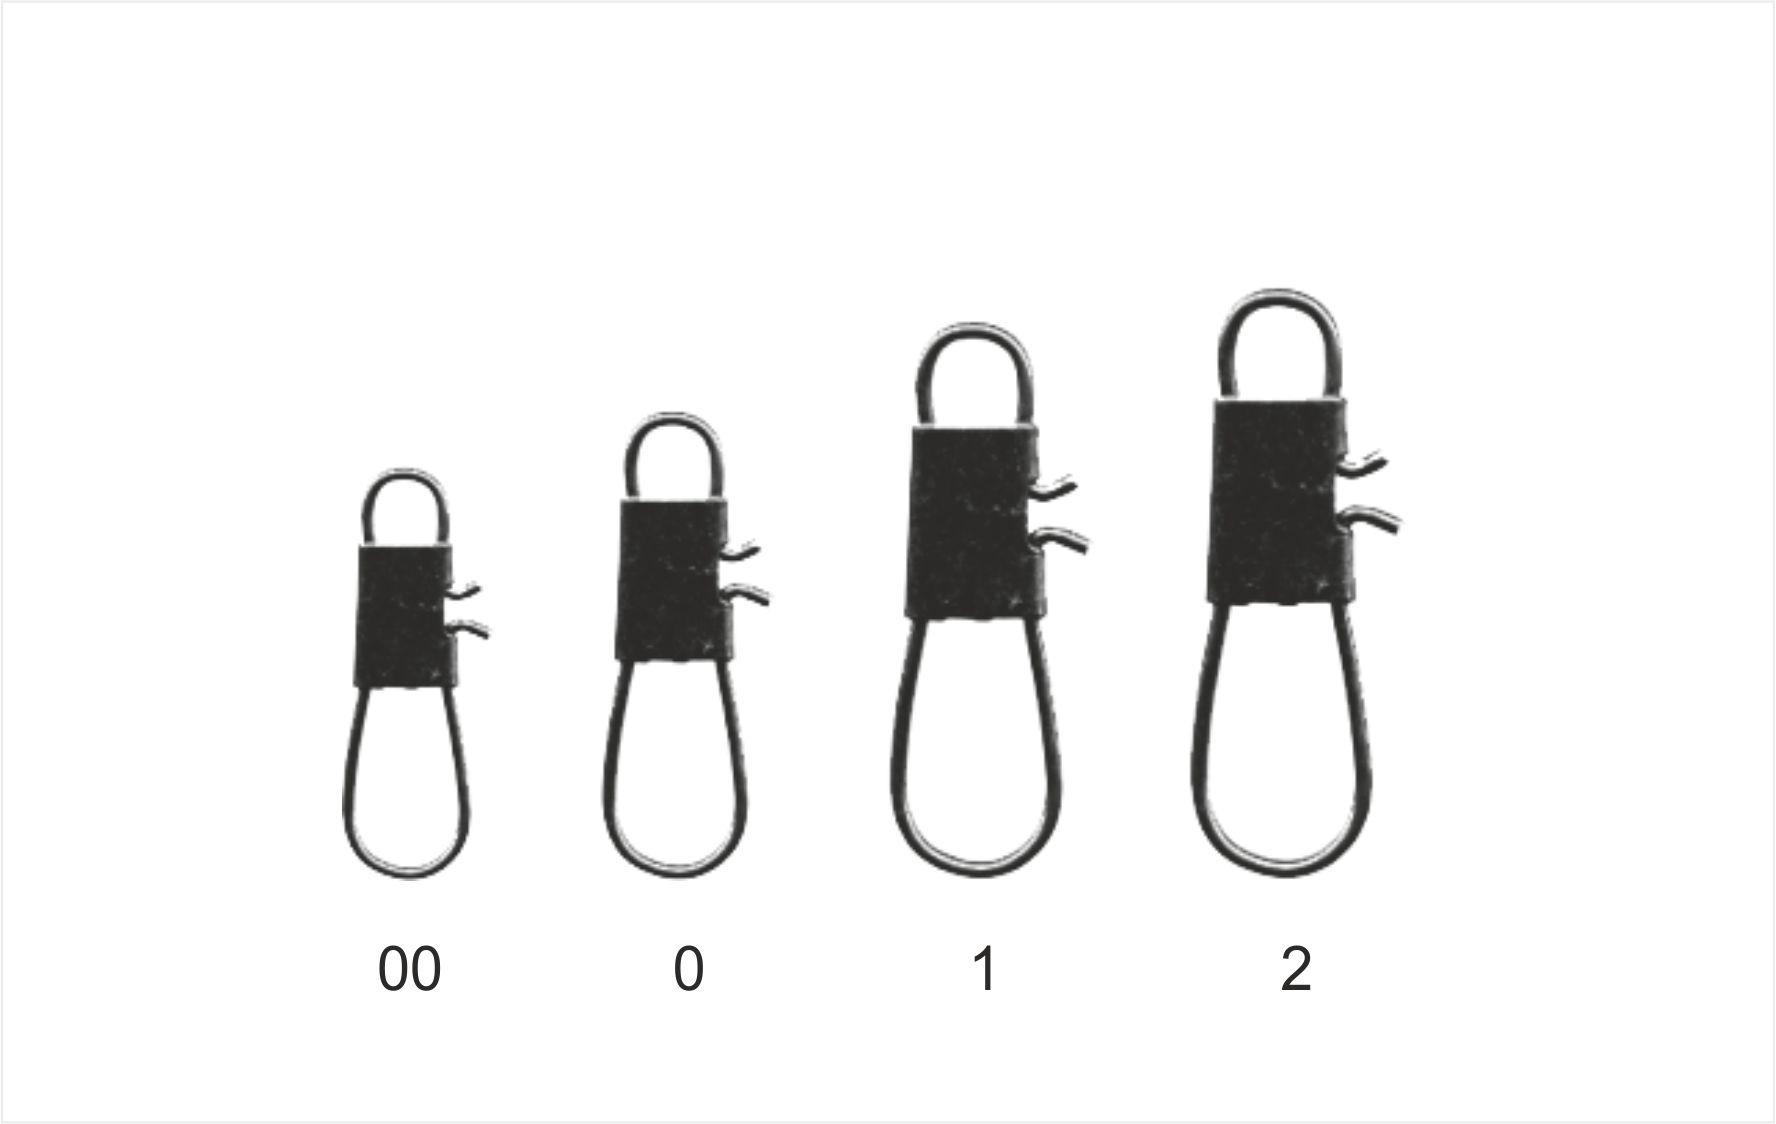 Mistrall karabinka vel. 1, 12 kg, 10ks/bal